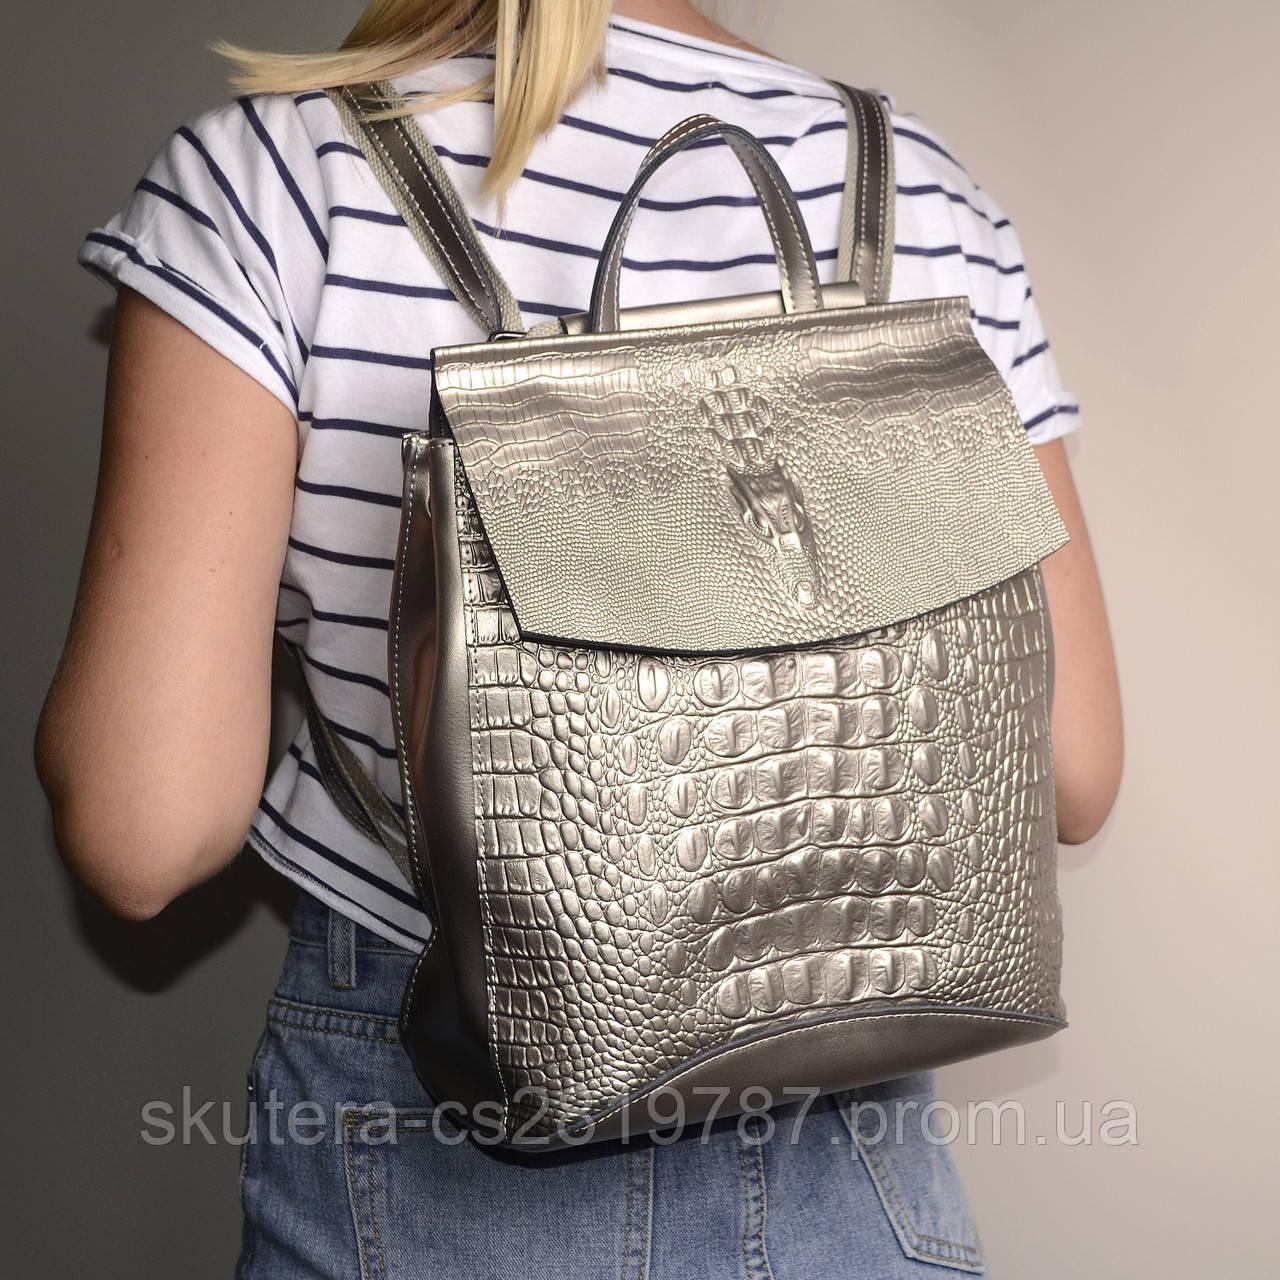 f284d4a8c036 Кожаный рюкзак-сумка (трансформер) с теснением под рептилию